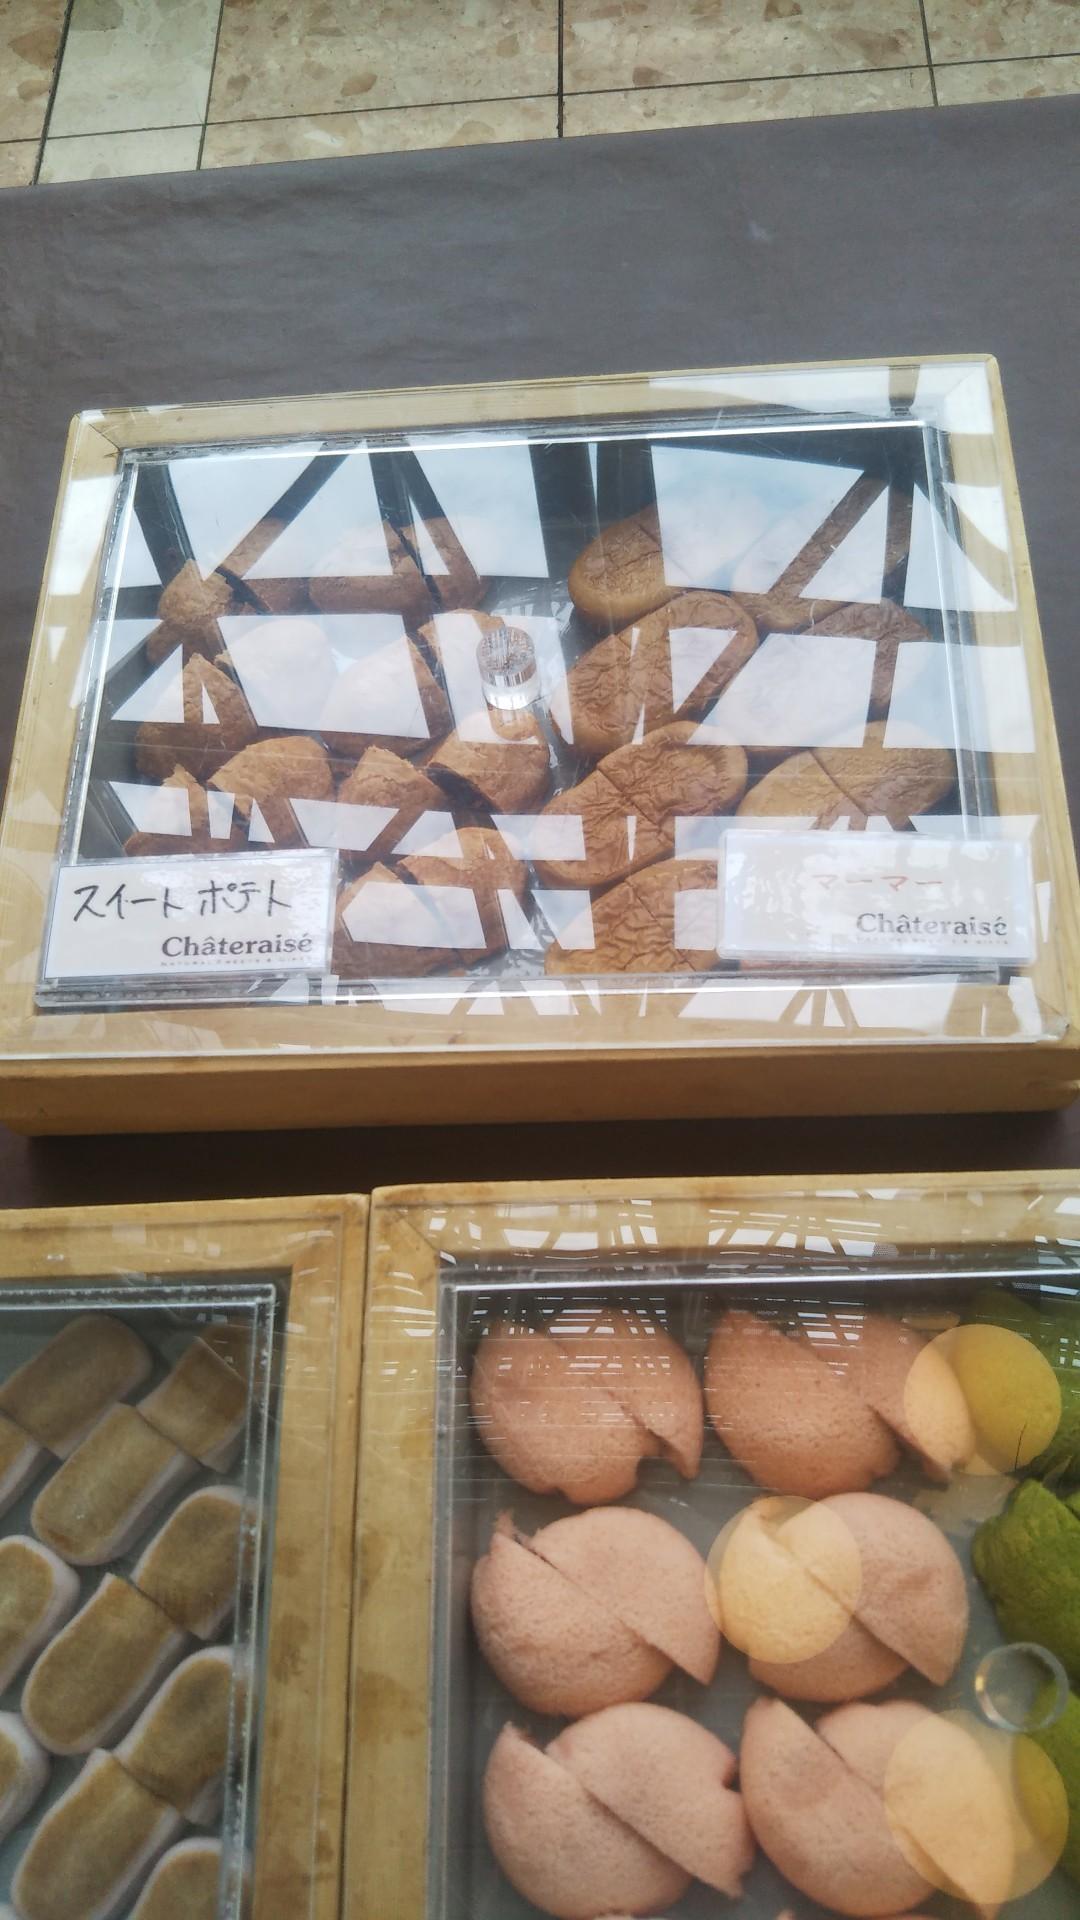 シャトレーゼ ガトーキングダムサッポロ ヴィーニュ Dessert Buffet~夏のべジスイーツフェア~_f0076001_23433516.jpg